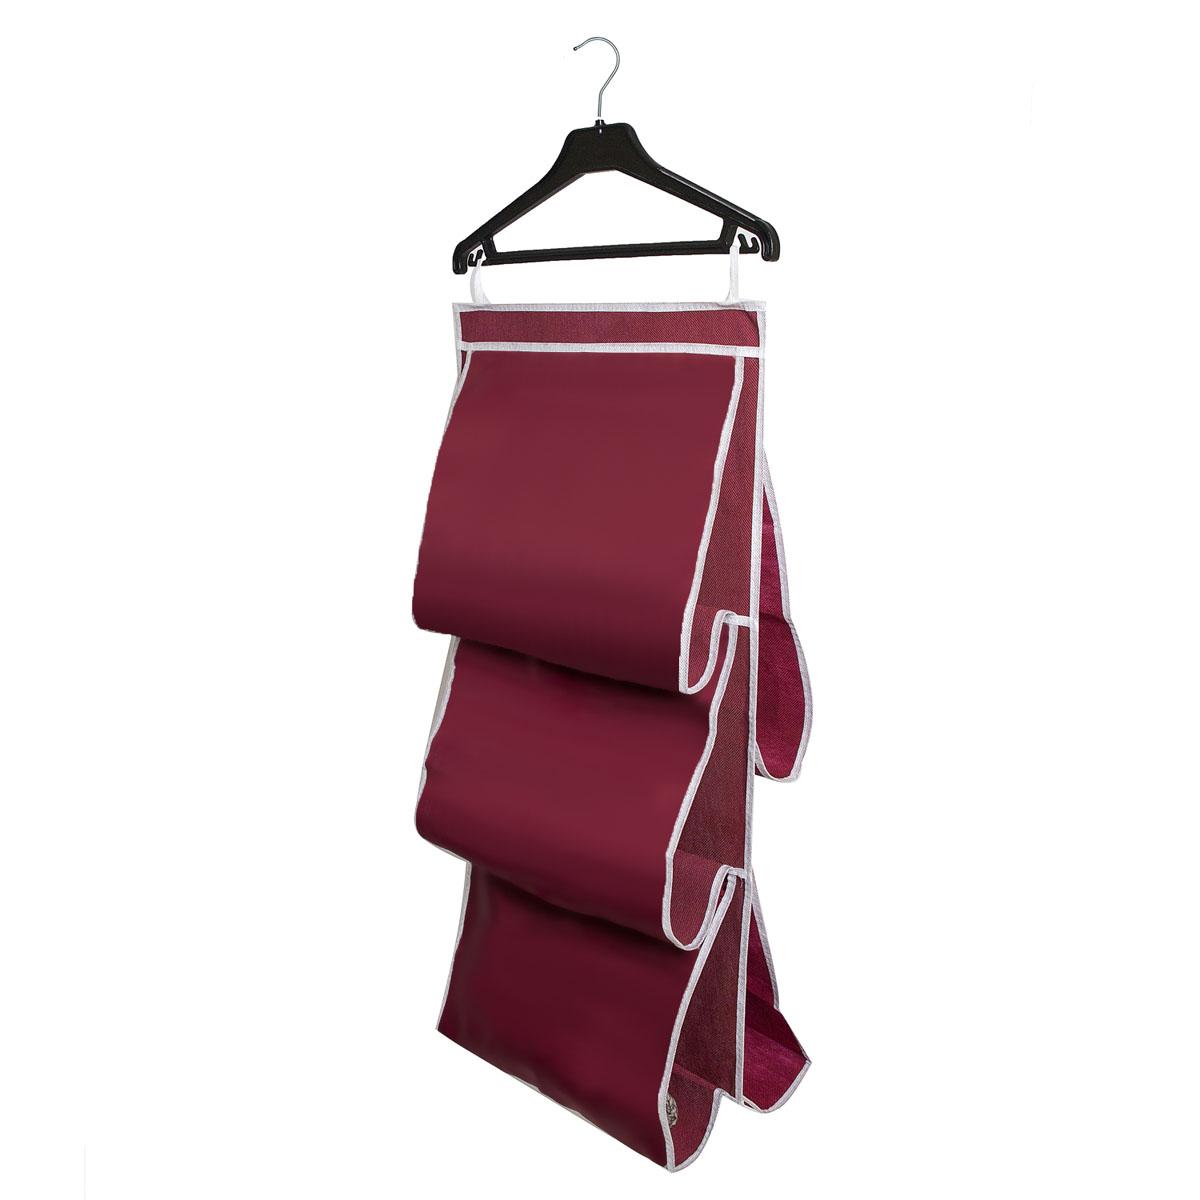 Органайзер для сумок Homsu Red Rose, 5 отделений, 40 х 70 см украшение декоративное homsu голова оленя 29 5 x 46 x 42 5 см